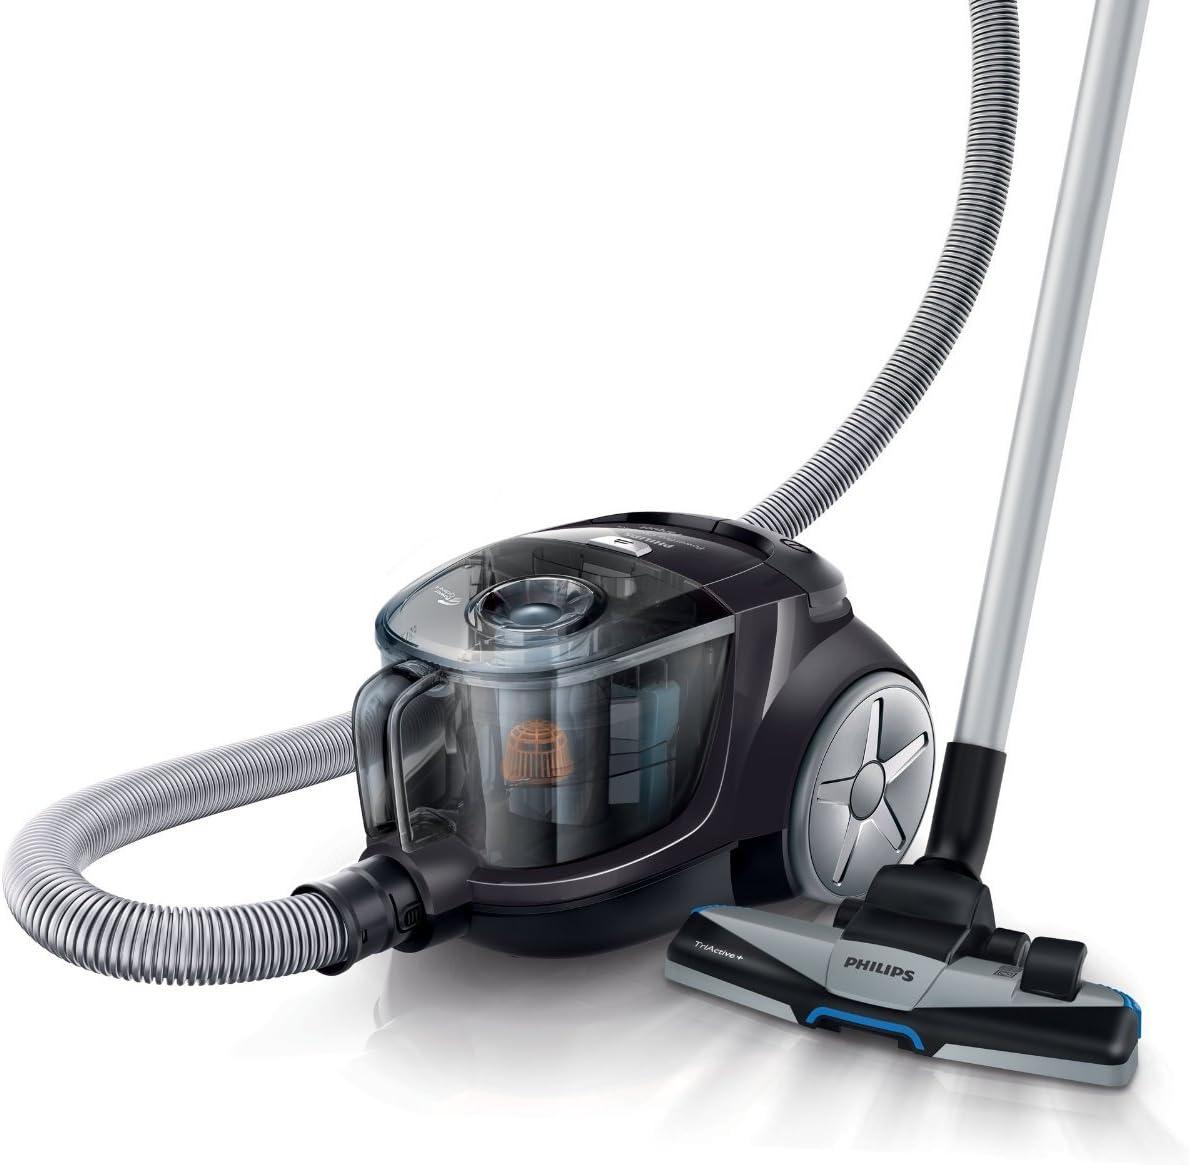 Philips PowerPro Compact - Aspirador sin bolsa con tecnología PowerCyclone, cepillo para suelos duros, color negro: Amazon.es: Hogar